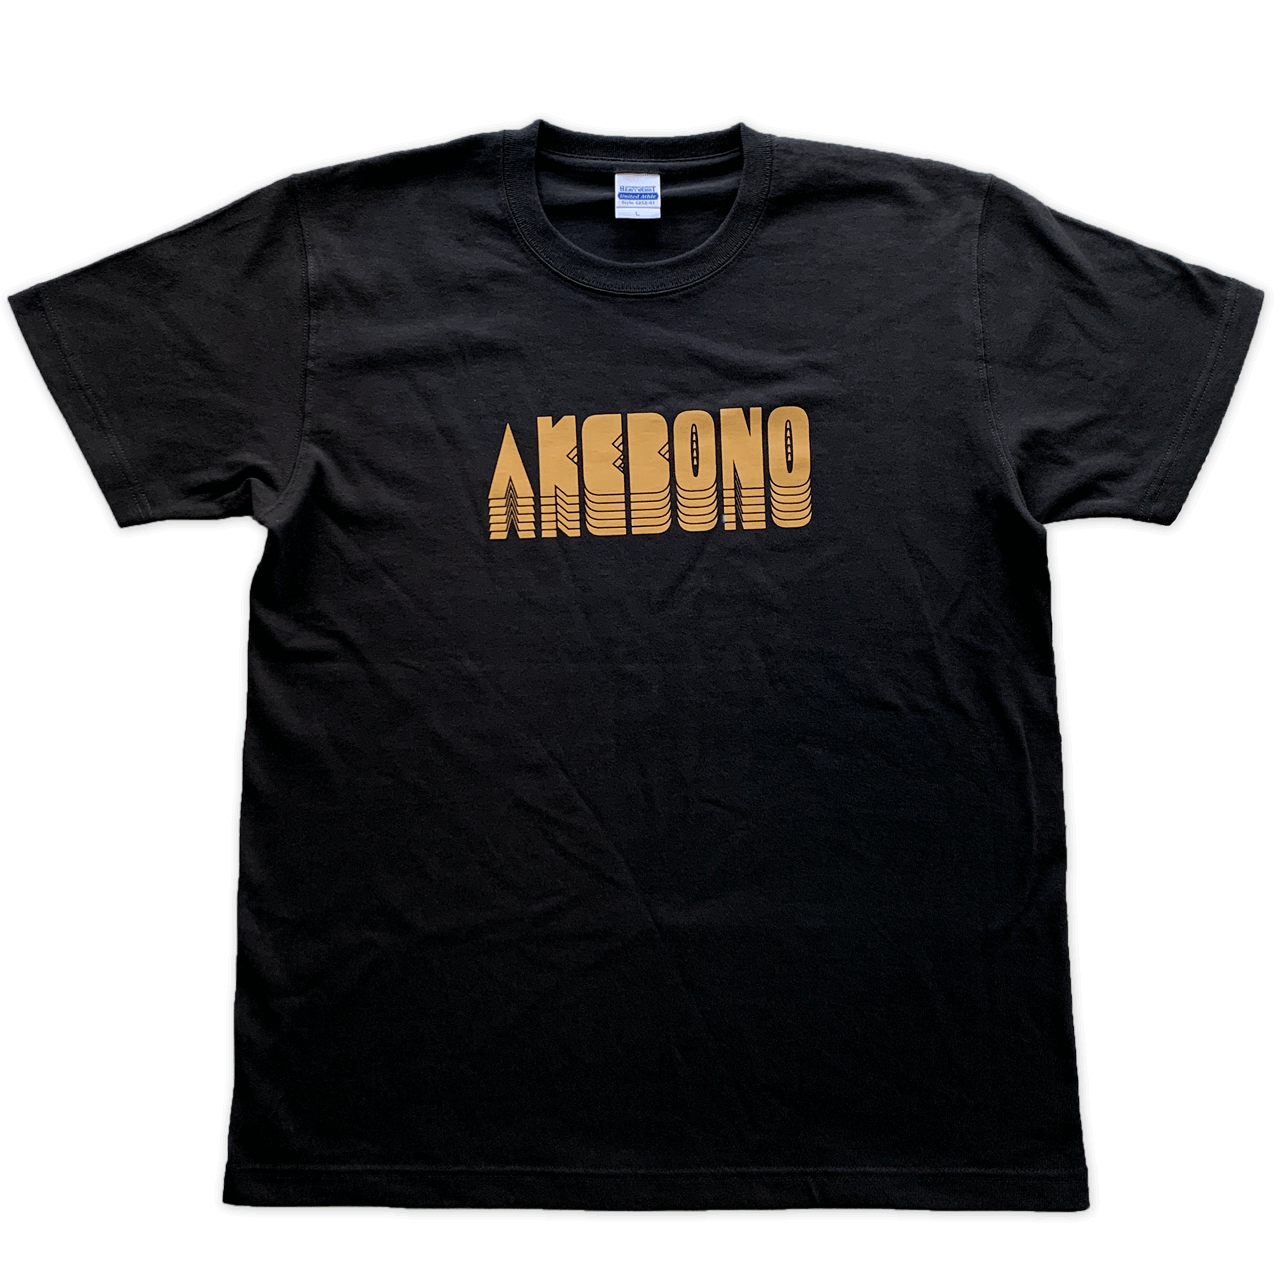 ピノキオピー - AKEBONO Tシャツ(黒) - 画像1